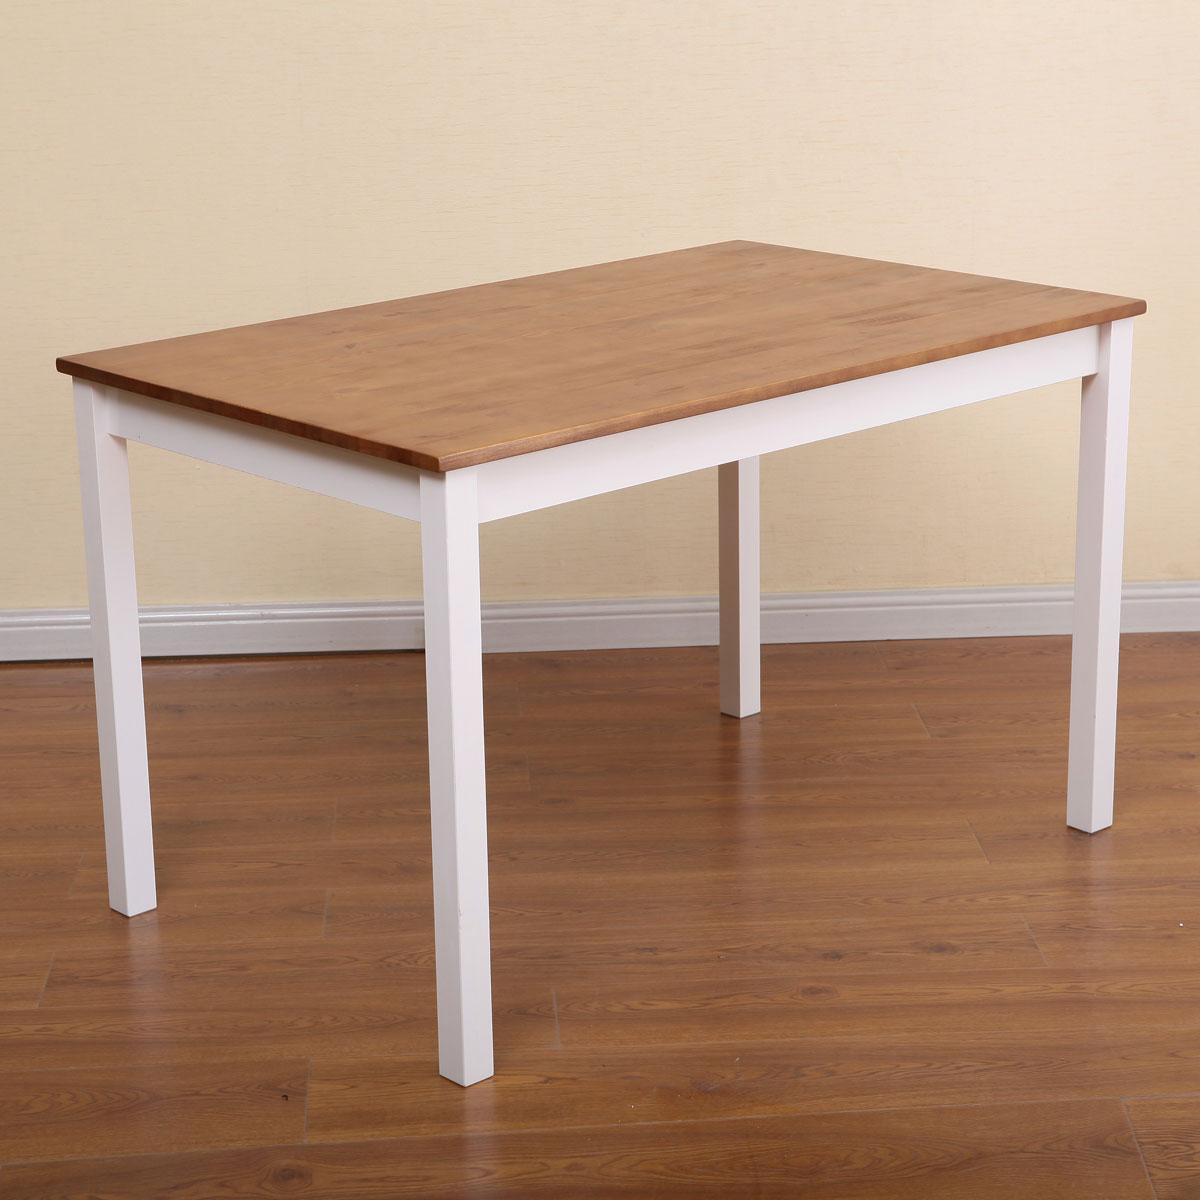 שולחן פינת אוכל עם 4 כיסאות מעץ מלא בעיצוב אלגנטי - תמונה 5